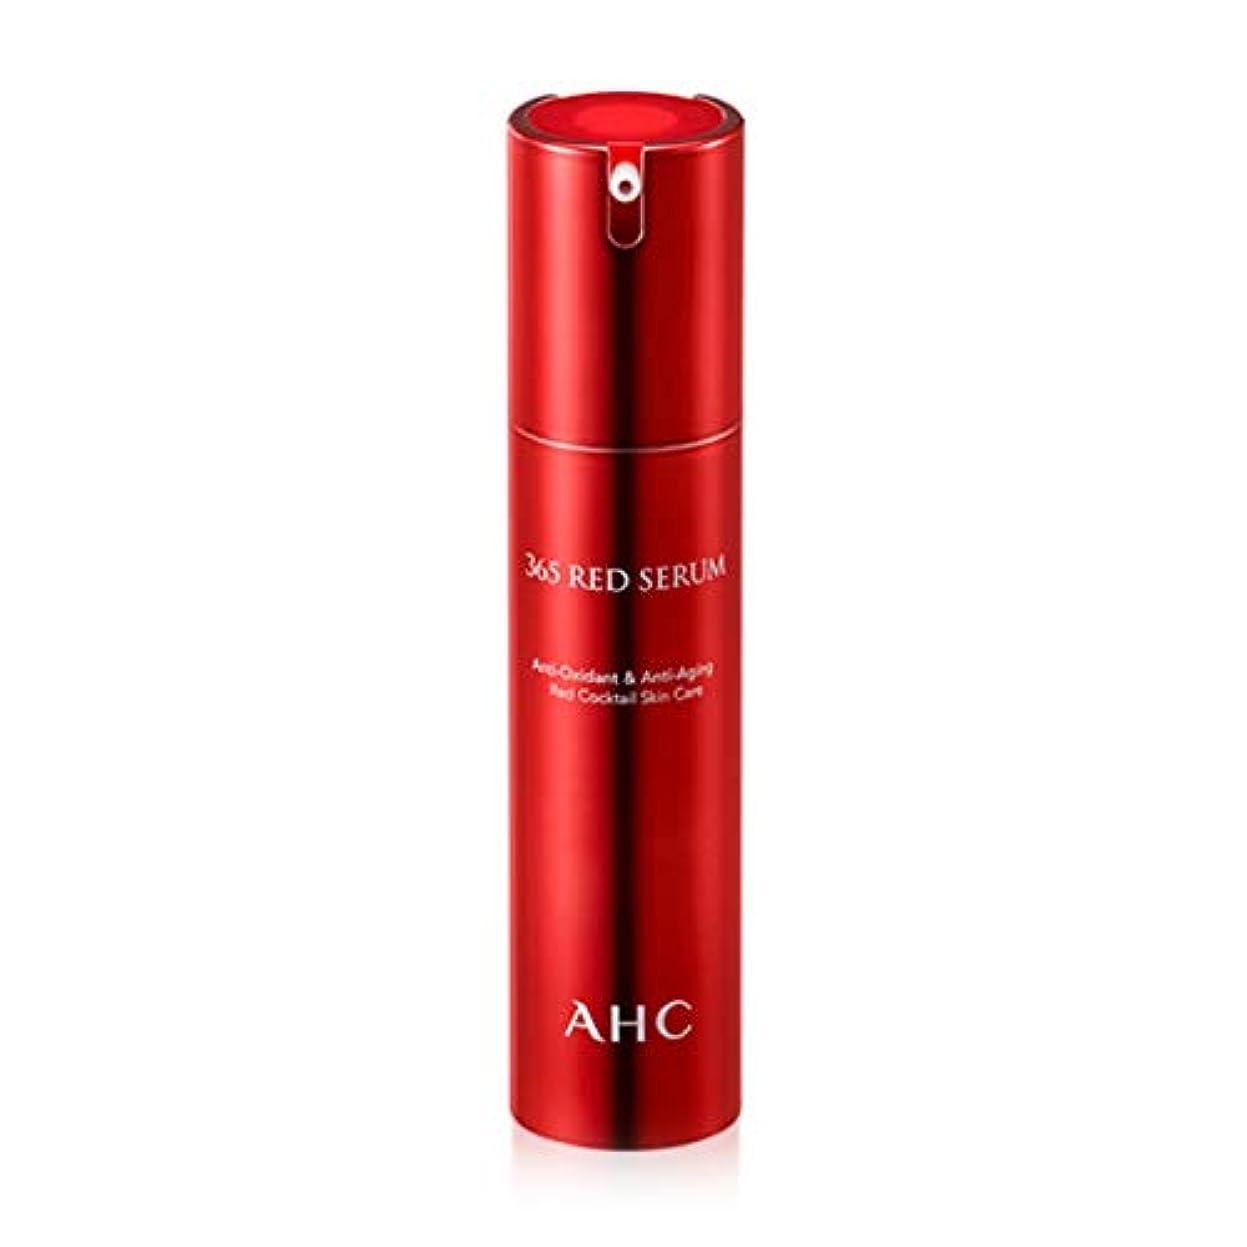 アウターソブリケット上院議員AHC 365 Red Serum AHC 365 レッド セラム 50ml [並行輸入品]